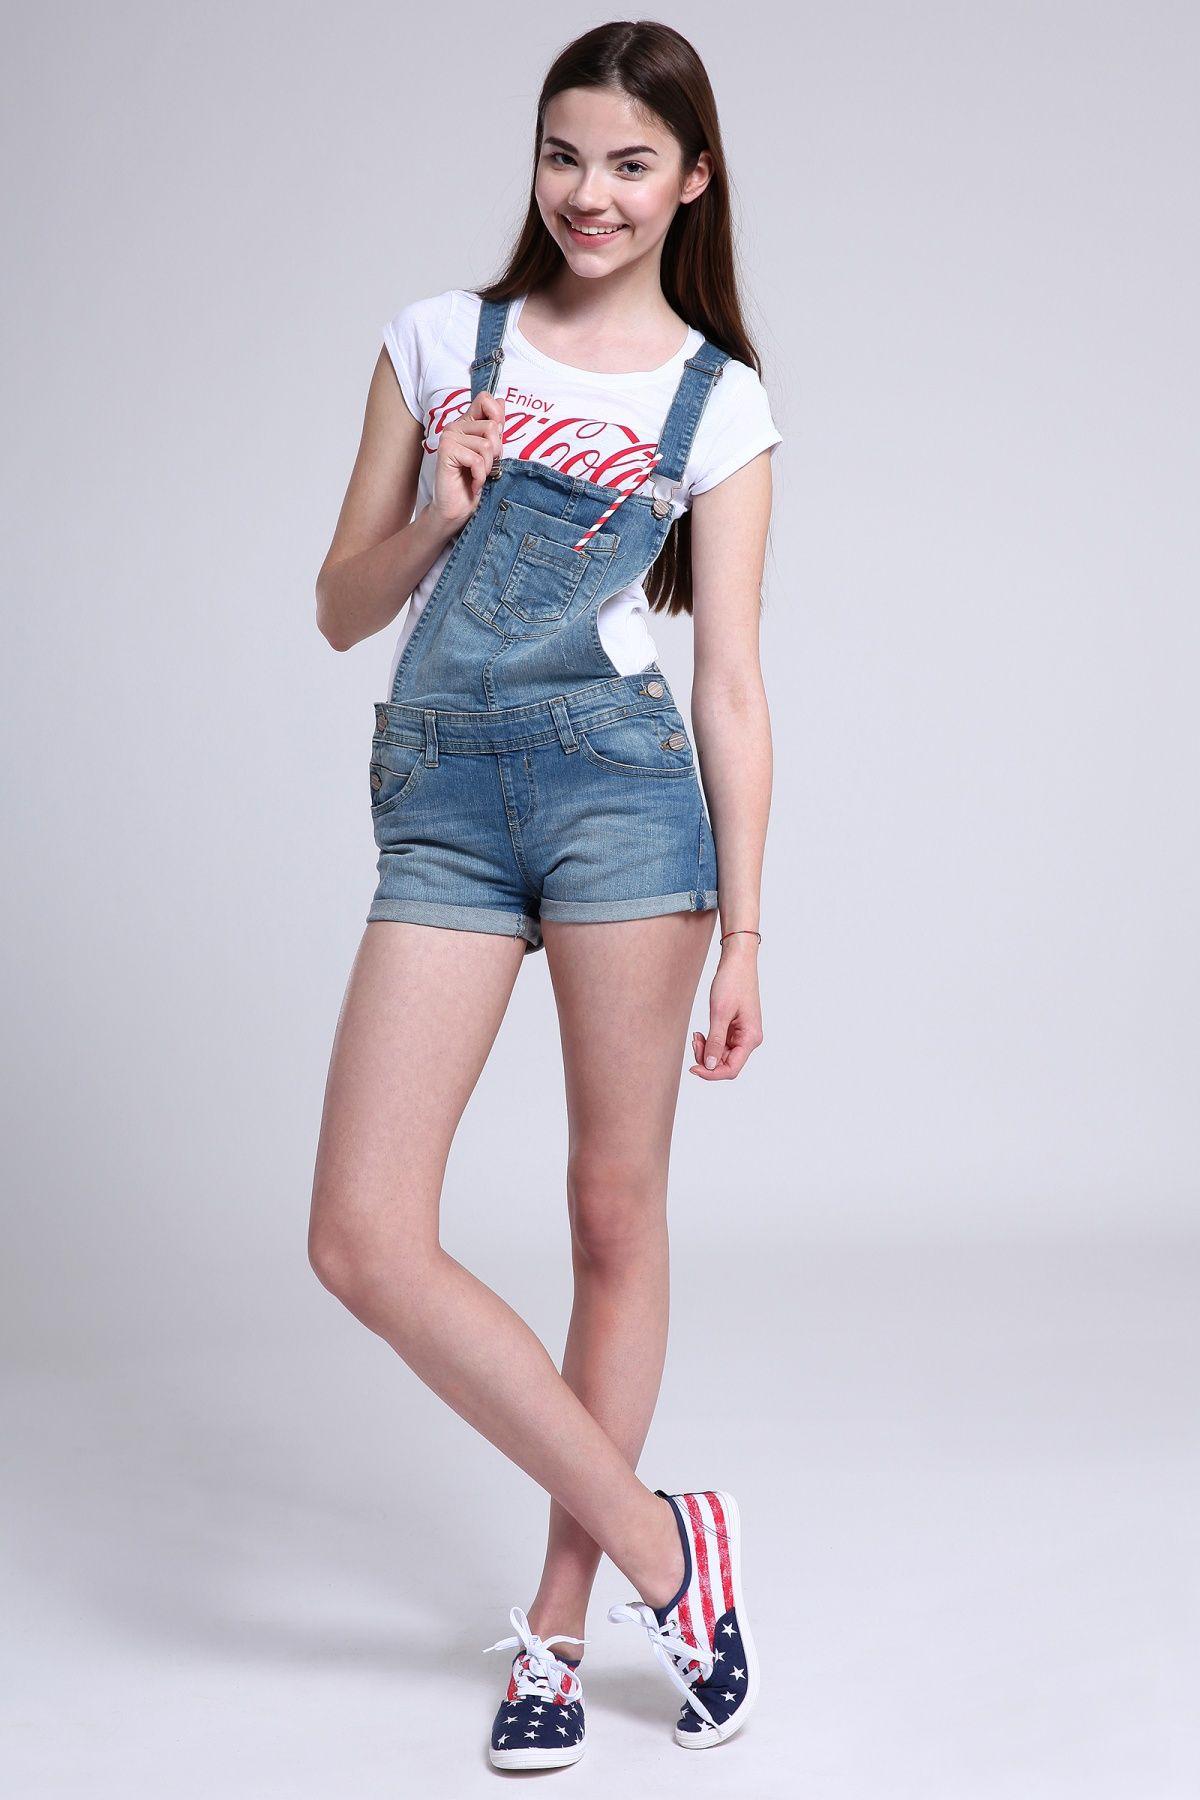 Salopette jeans corta Blu denim medio online in ABITI DONNA - Terranova c33d571a999